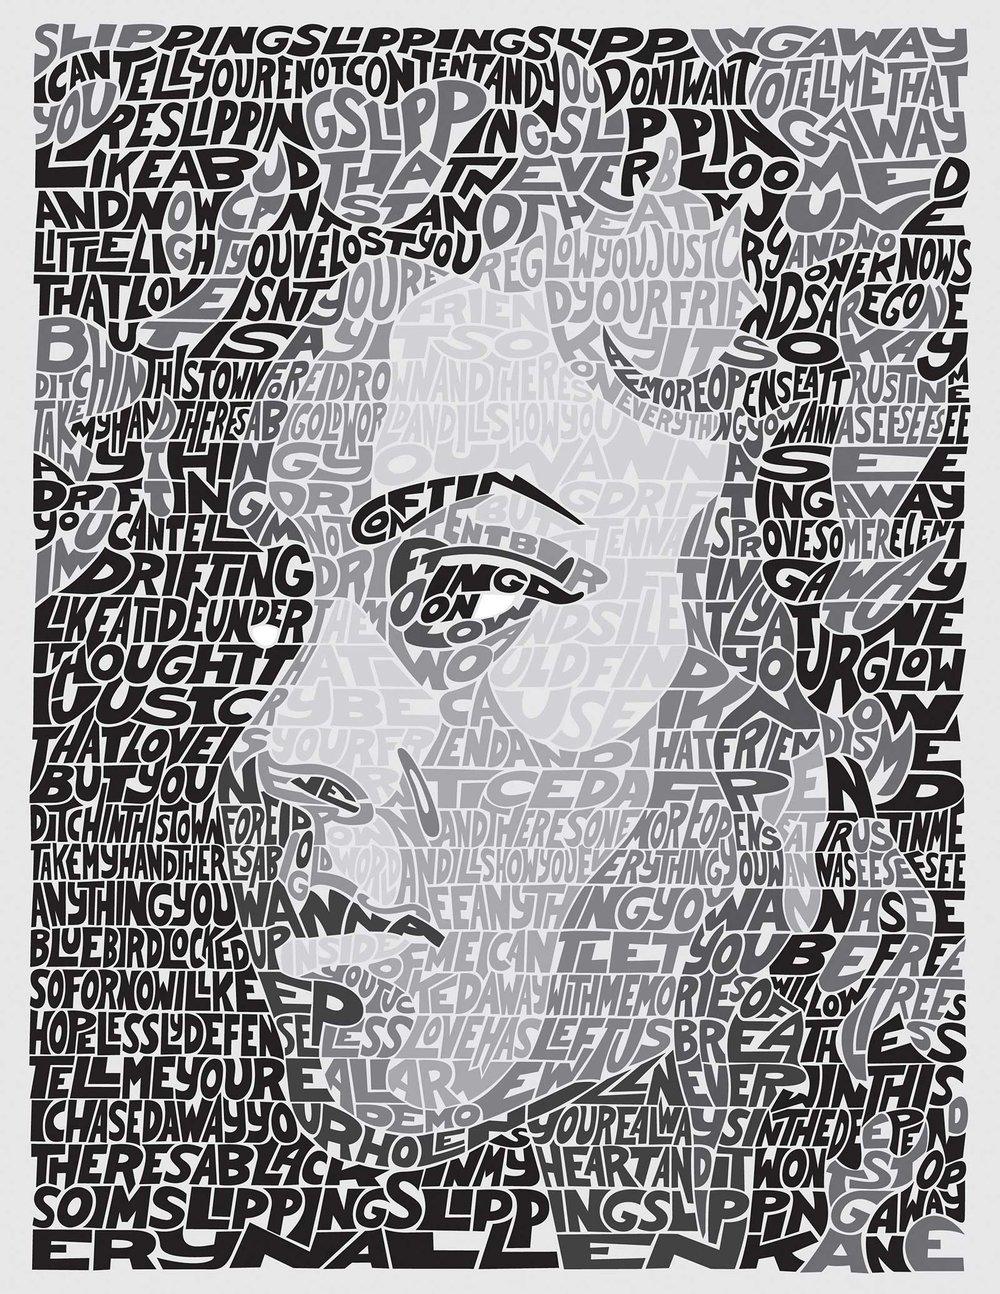 eryn-allen-kane-portrait-1600-jm.jpg